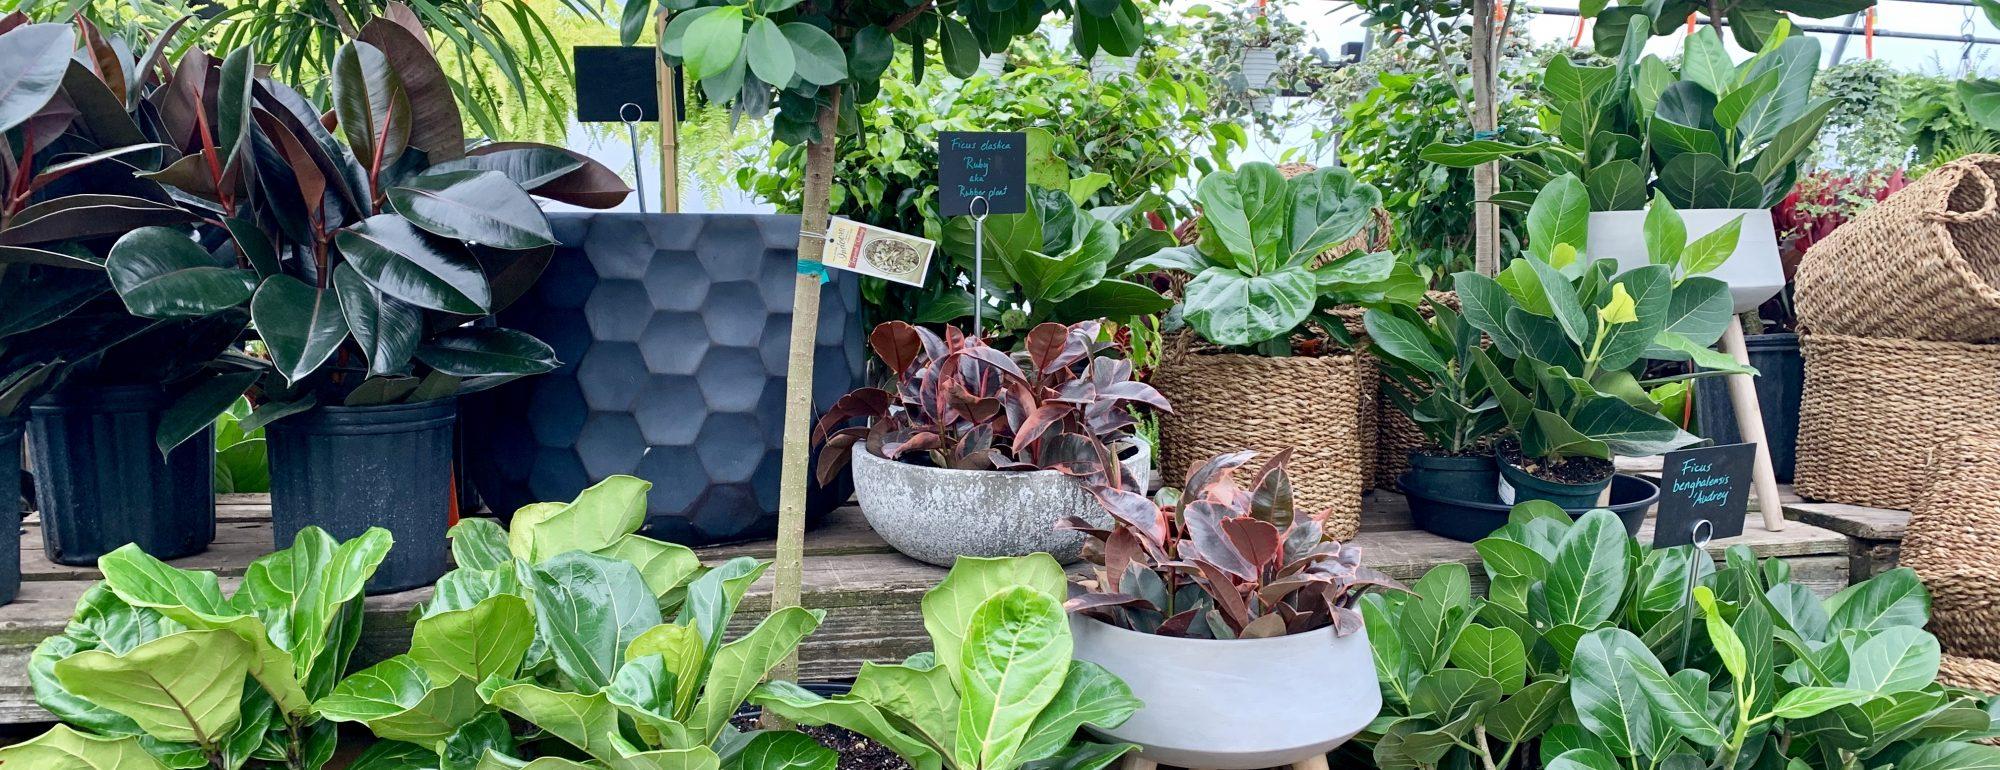 Houseplant image